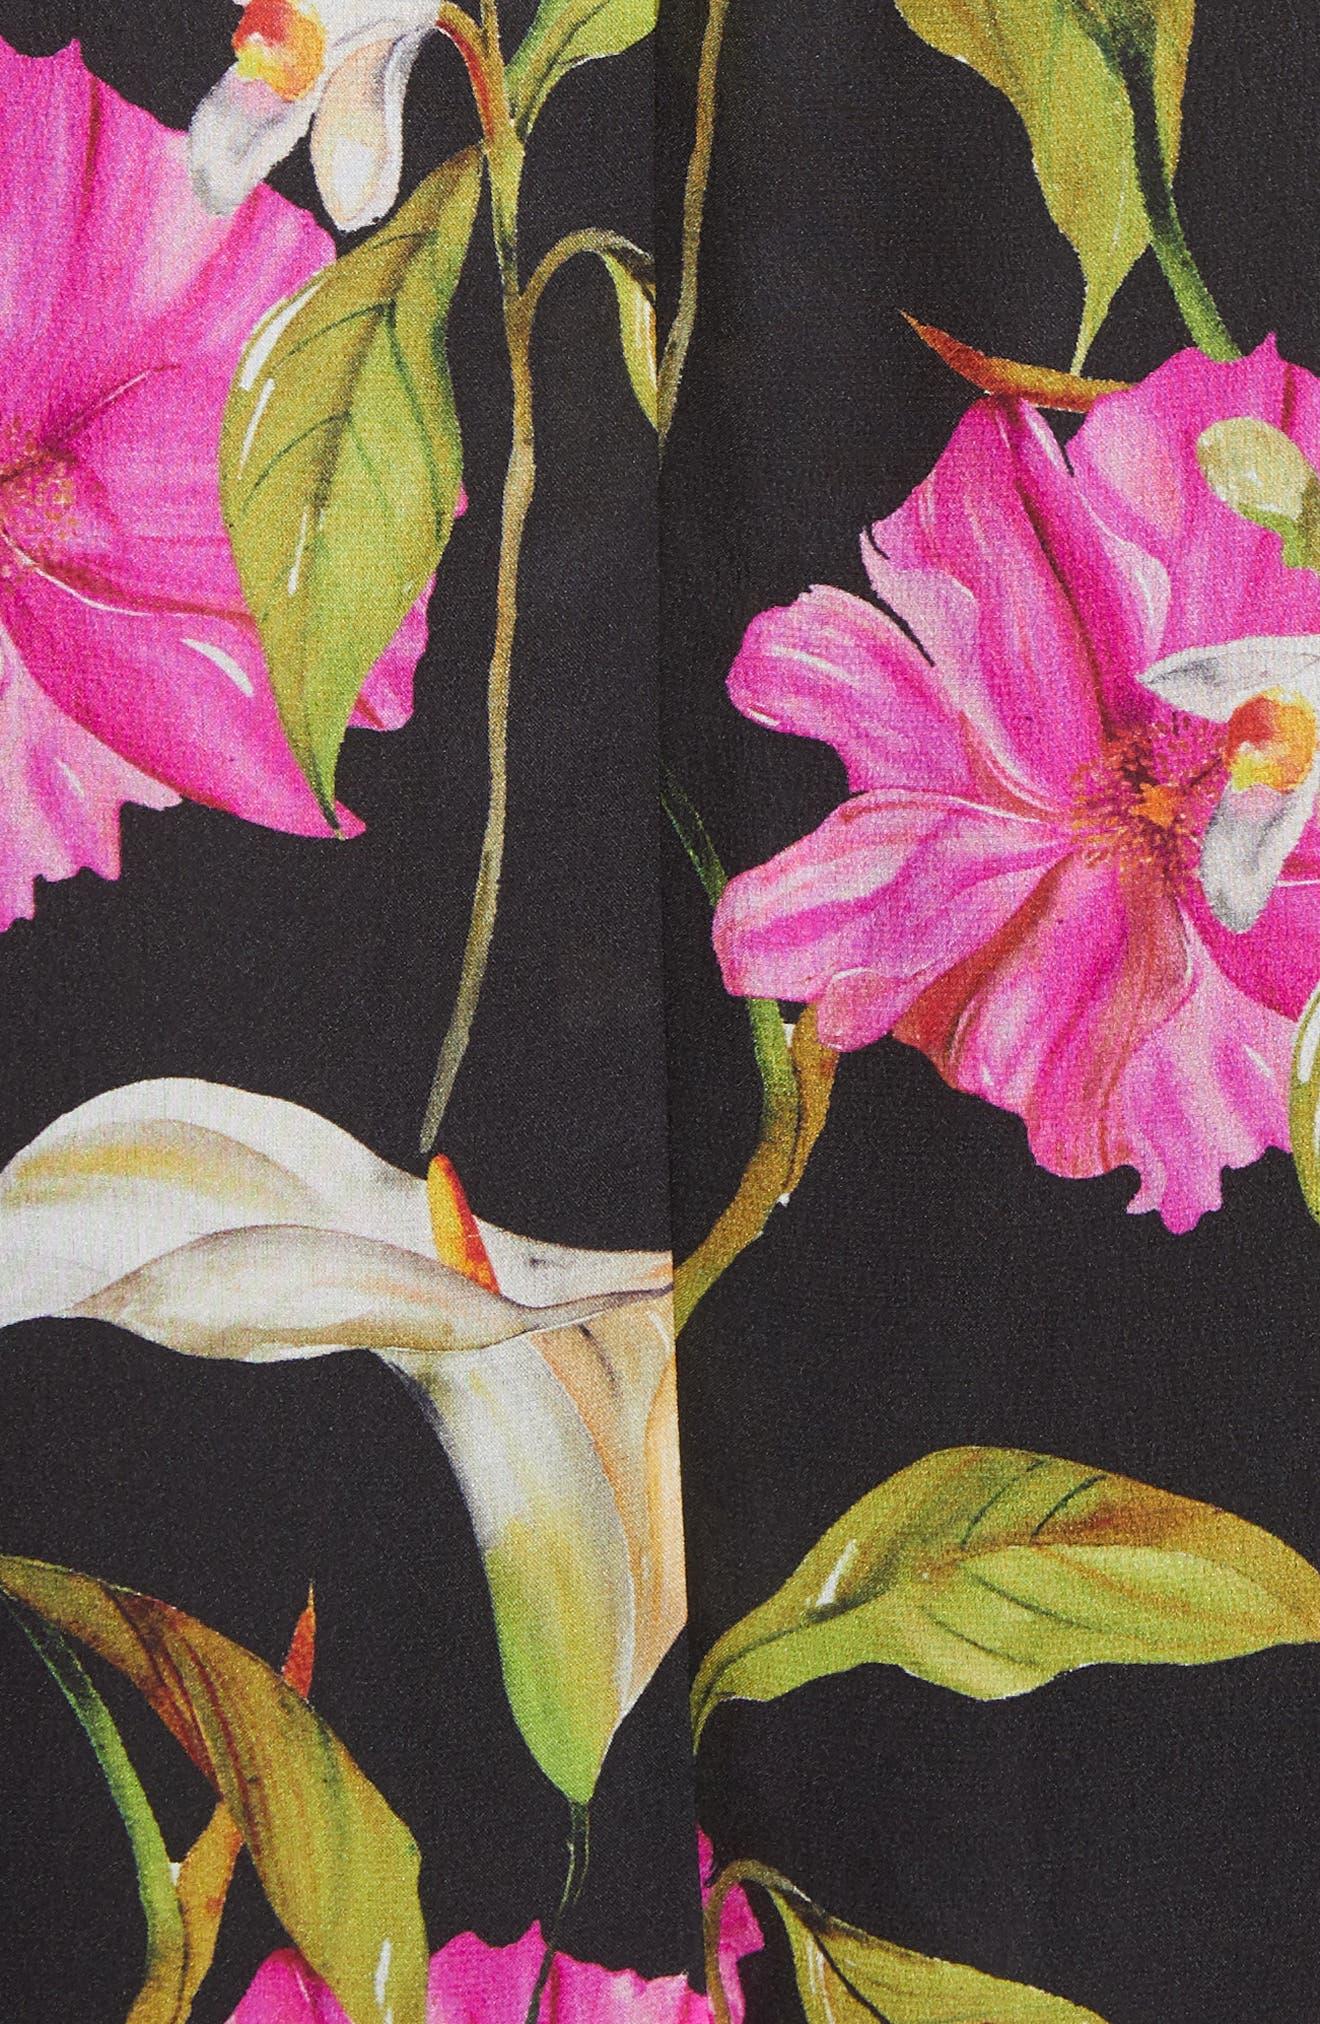 Jill Large Calla Lily Shift Dress,                             Alternate thumbnail 5, color,                             Multi